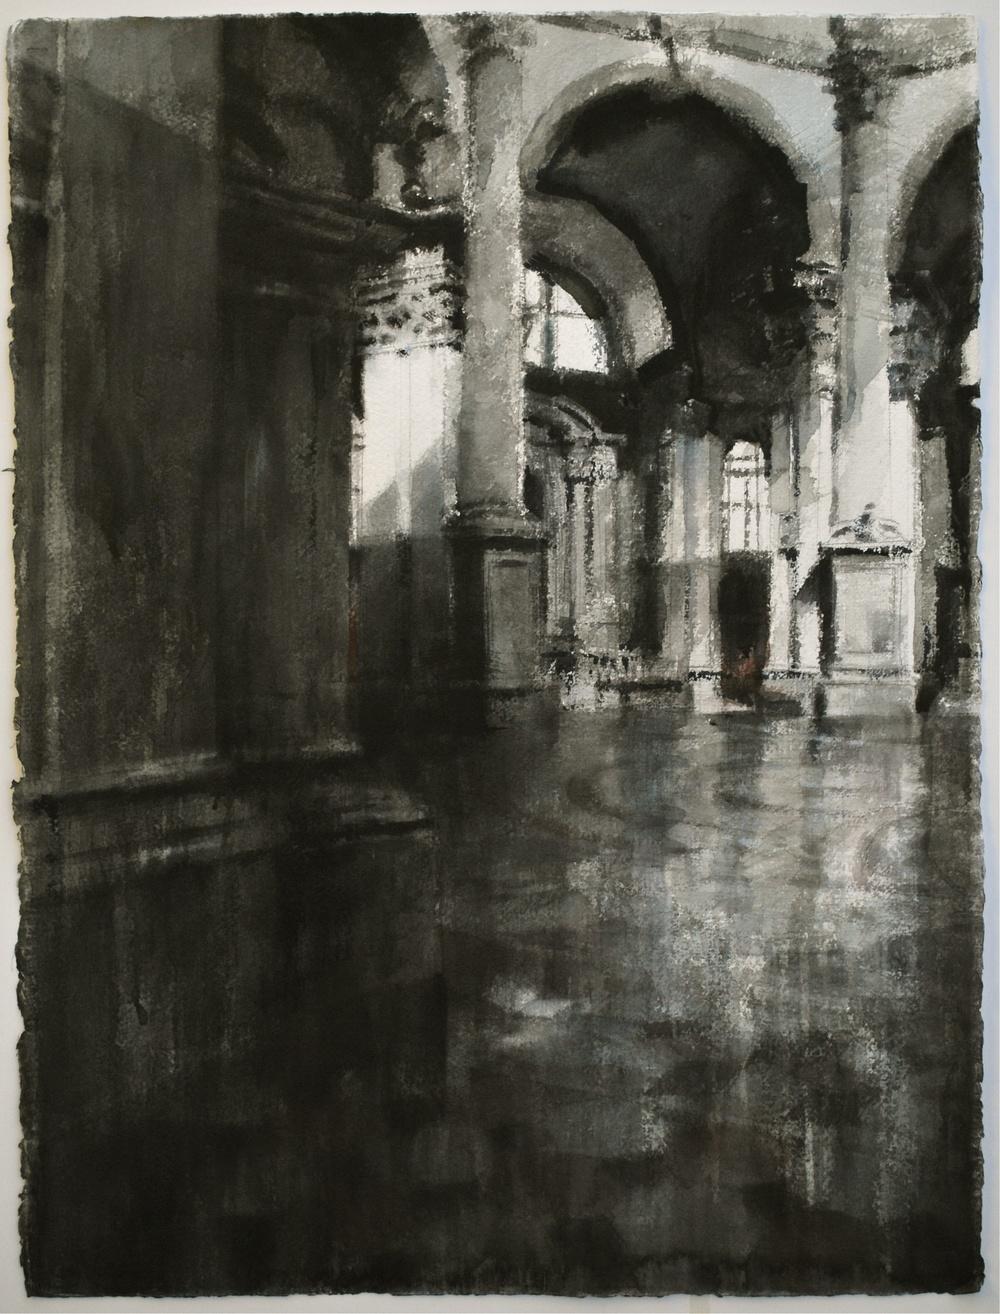 Santa Maria Della Salute, 22x30 inches, (Private Collection)